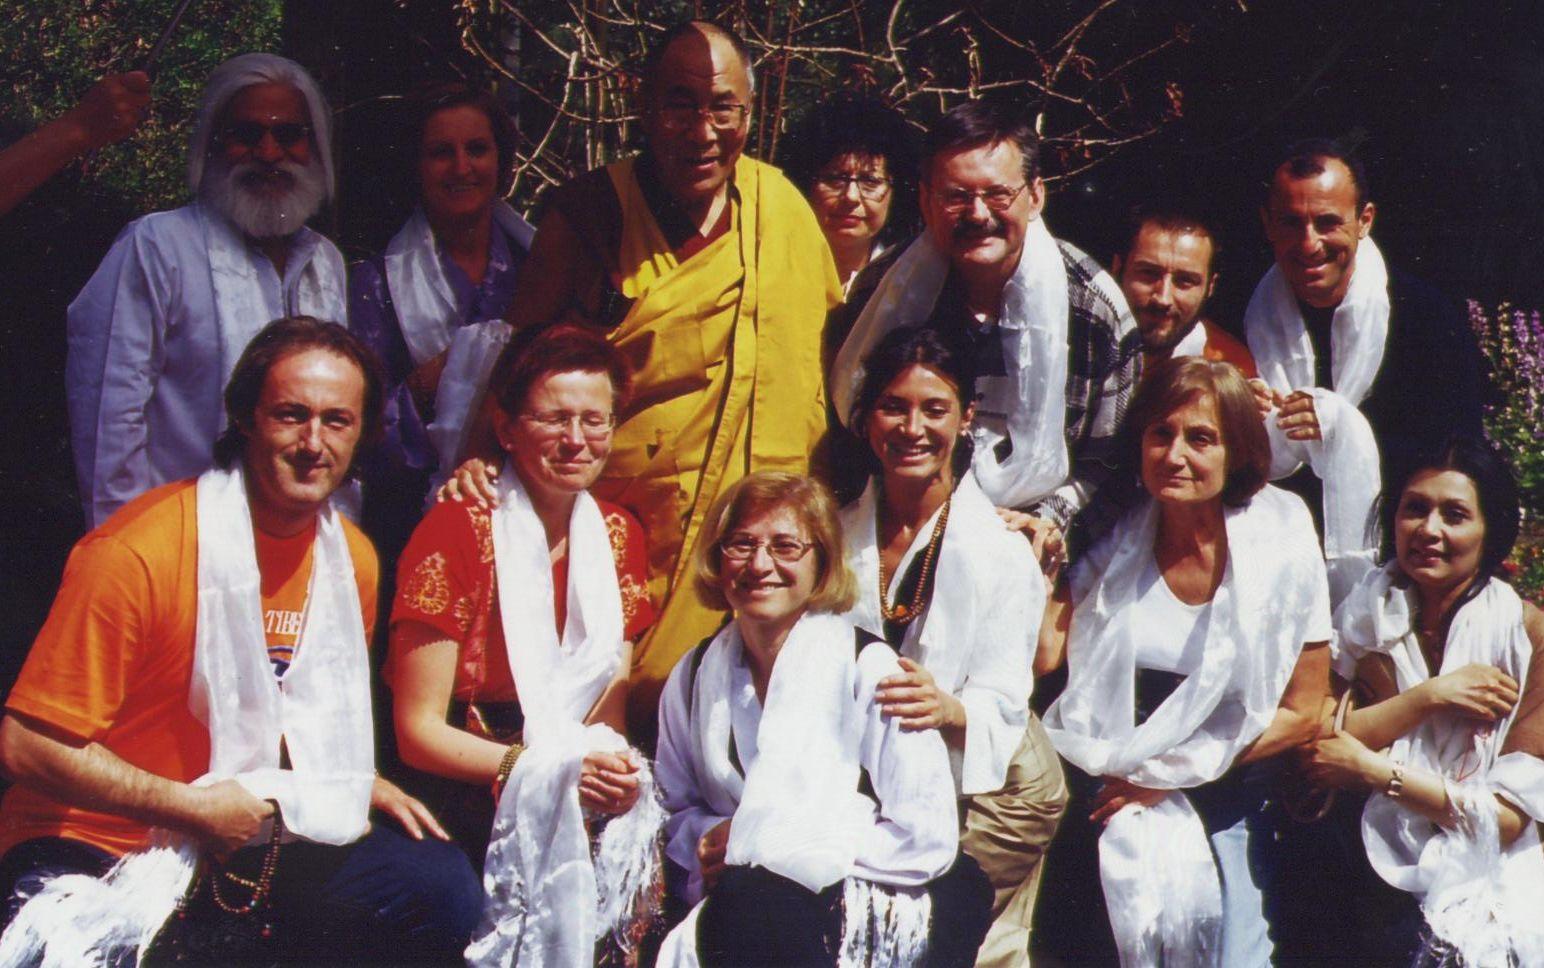 Luciano Villa e Graziella Romania in udienza da Sua santità il Dalai Lama col gruppo del Centro Studi Tibetano Sangye Cioeling